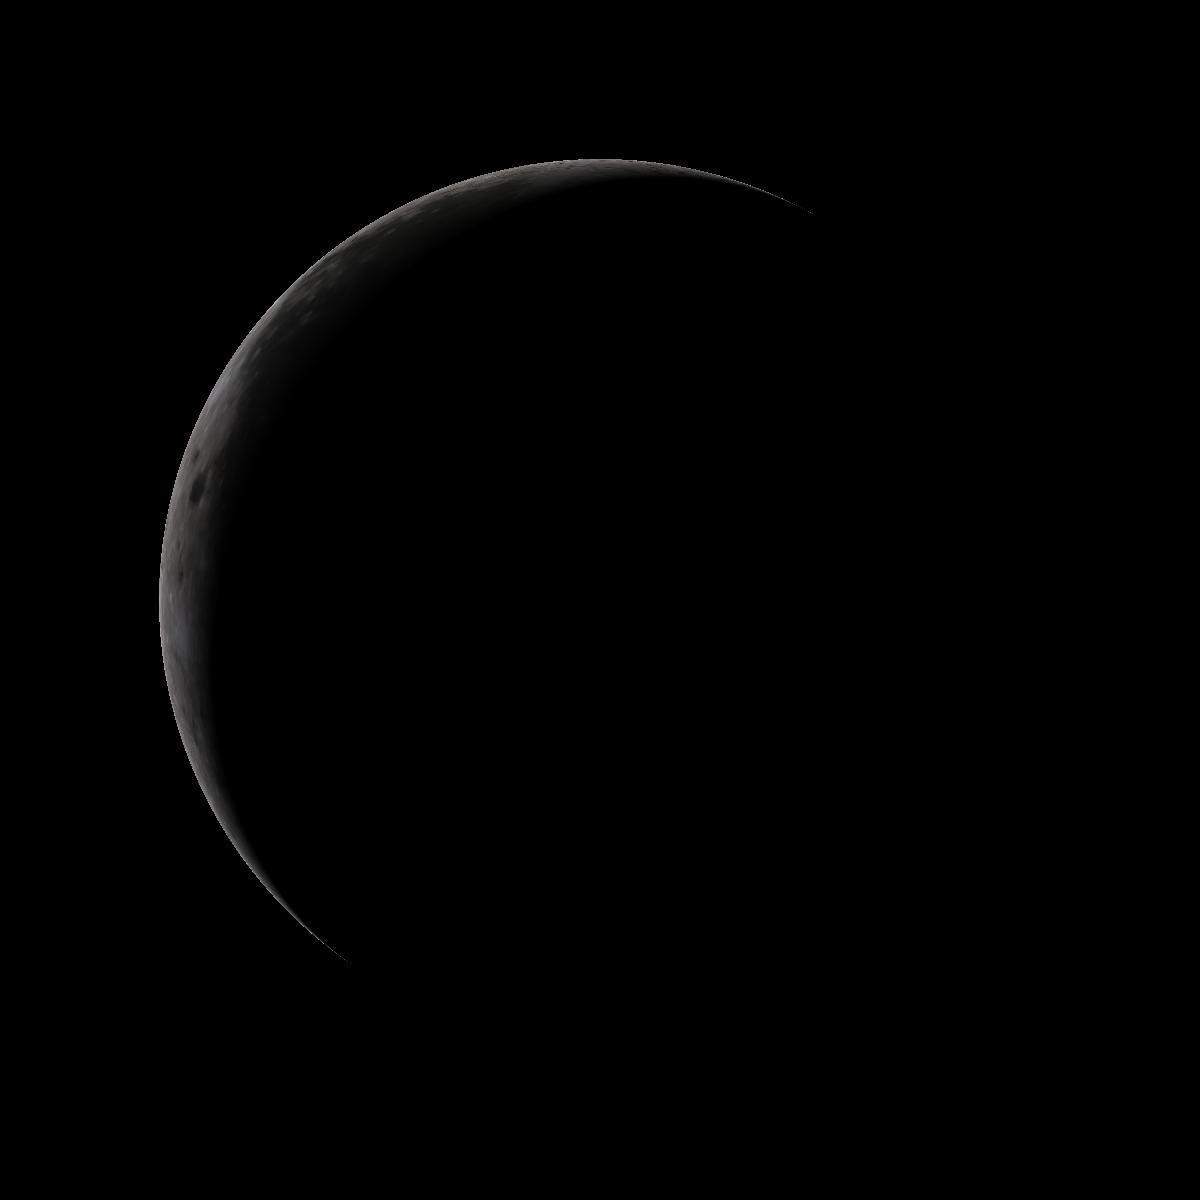 Lune du 20avril 2020